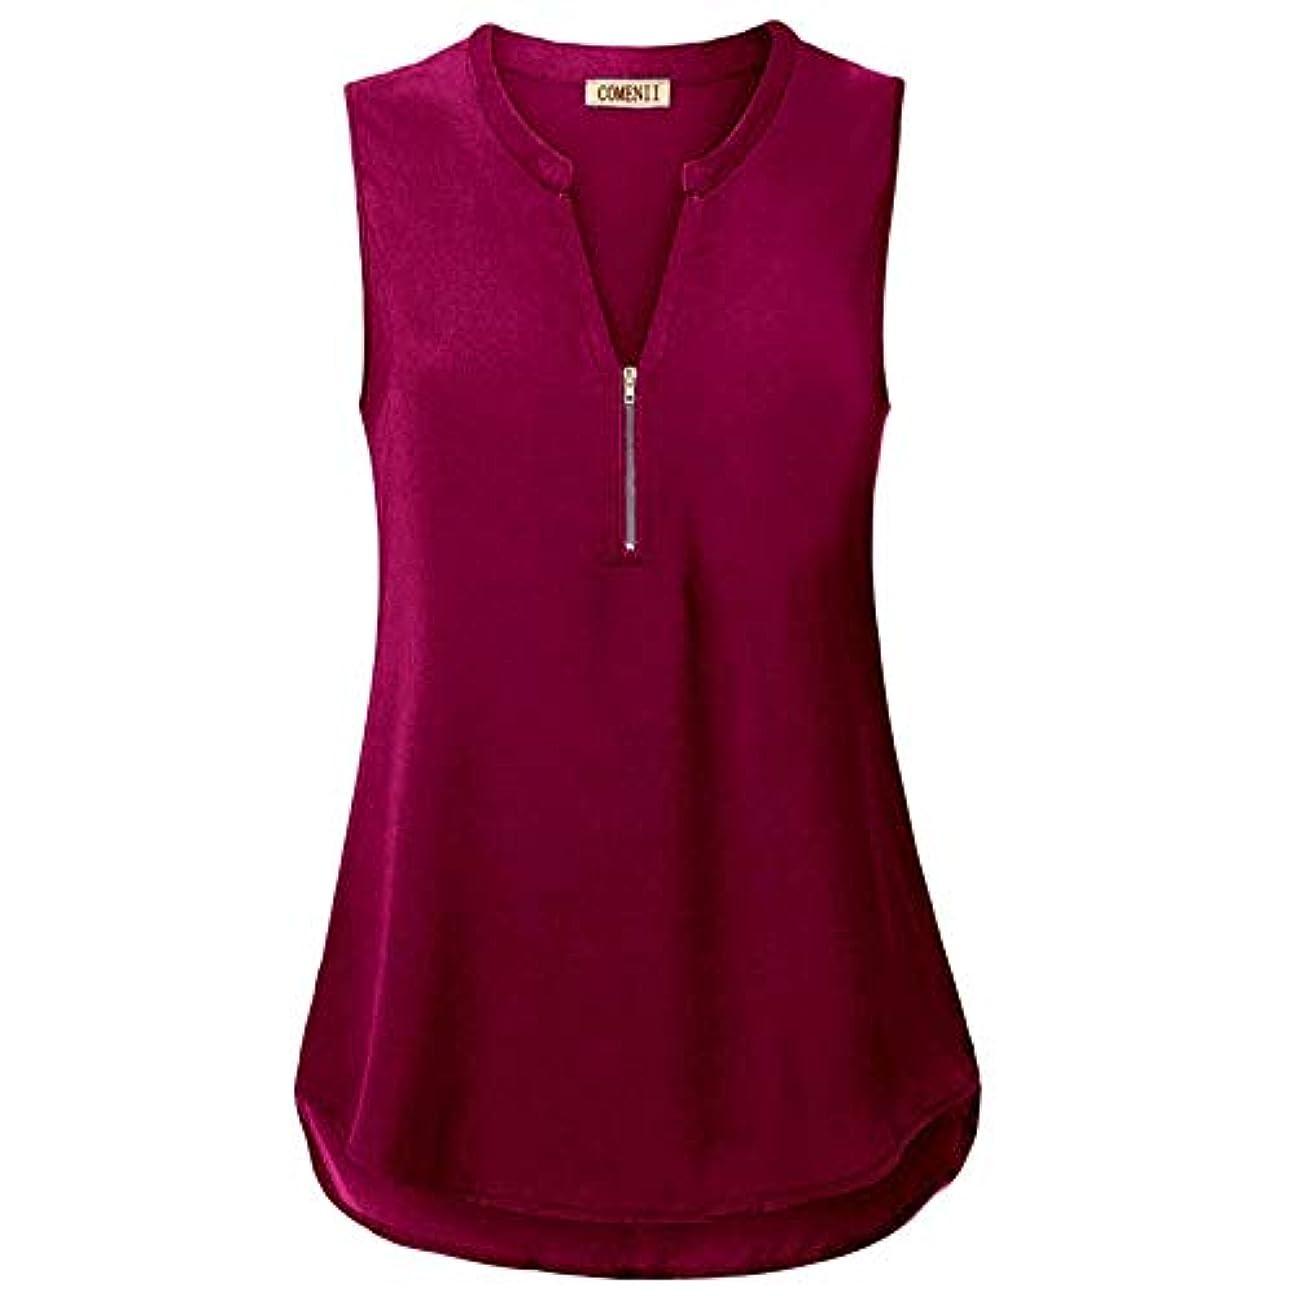 簡単に暖かさやさしいMIFANレディースタンクトップ、ノースリーブトップス、女性用ブラウス、トップス&Tシャツ、オフショルダートップ、シフォンブラウス